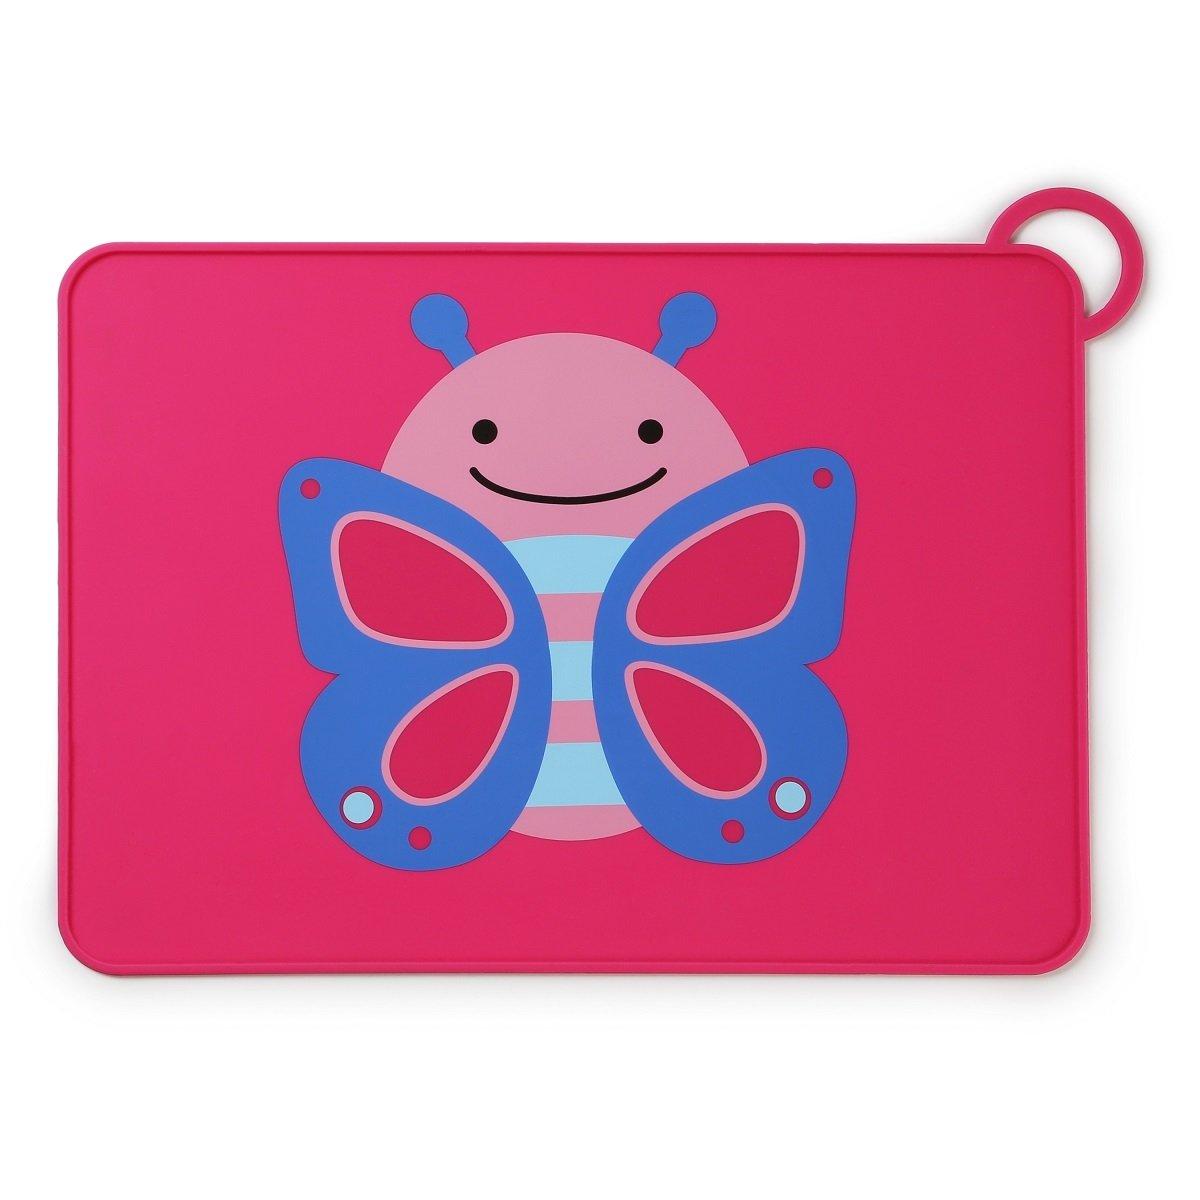 可愛動物園矽膠餐墊 - 蝴蝶